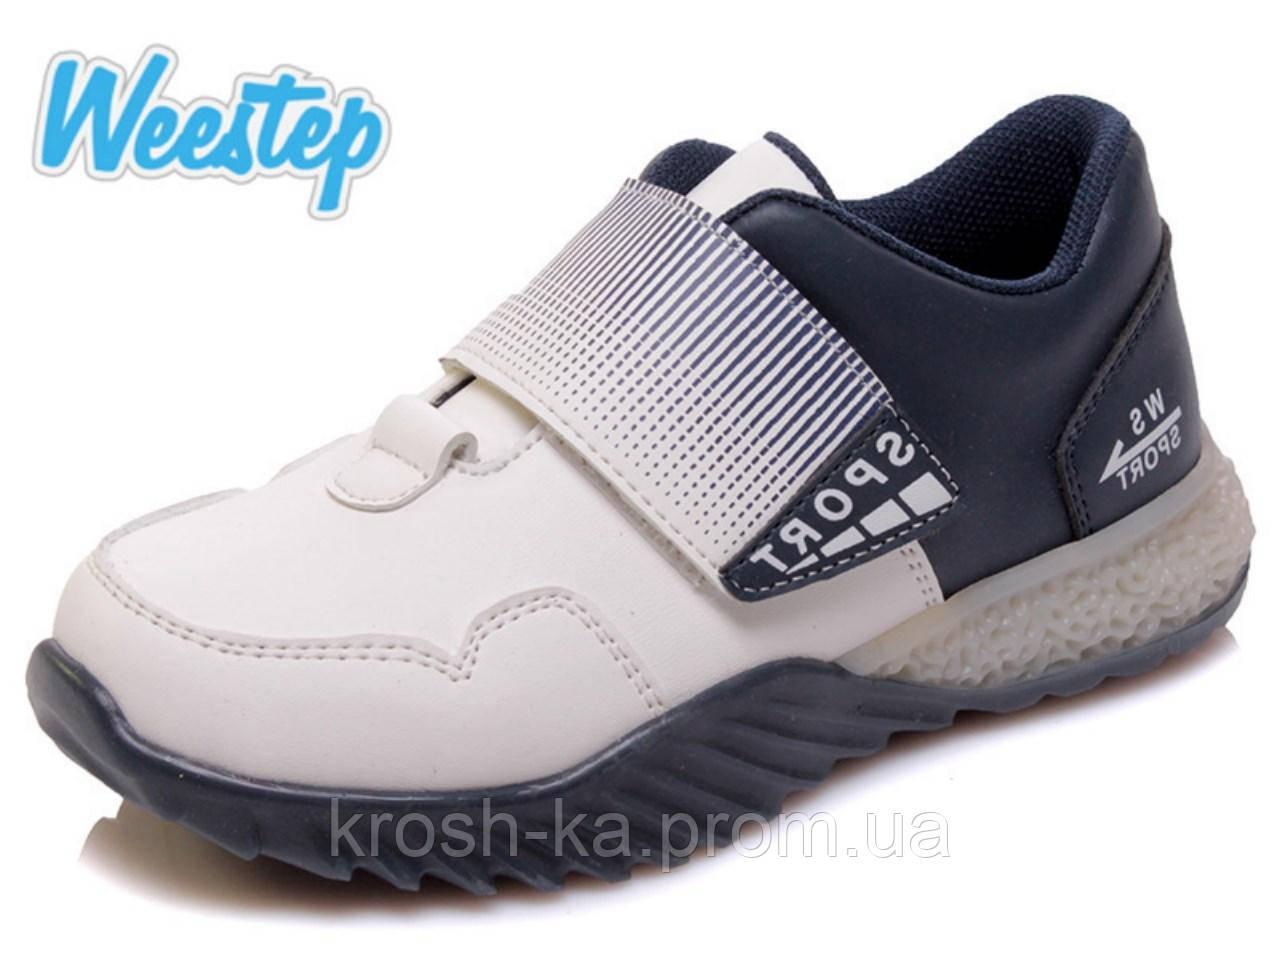 Кроссовки для мальчика (27-32)р сине-белый Weestep Китай R928153523 W